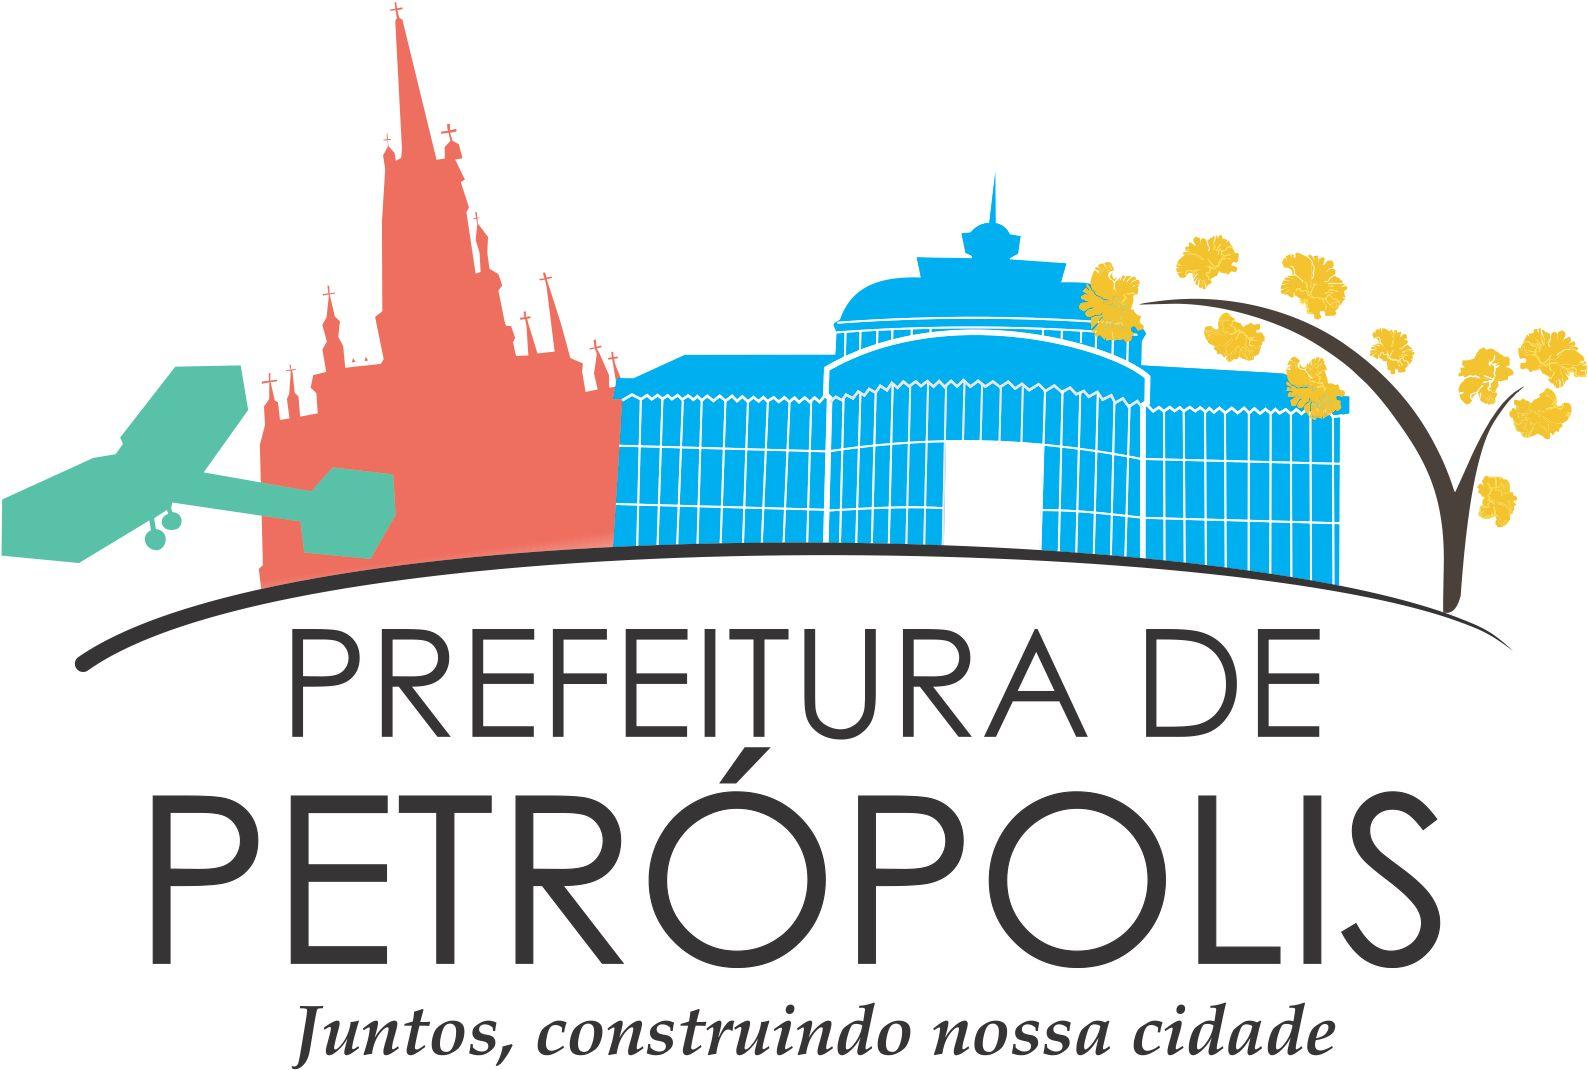 Petropolis.jpg